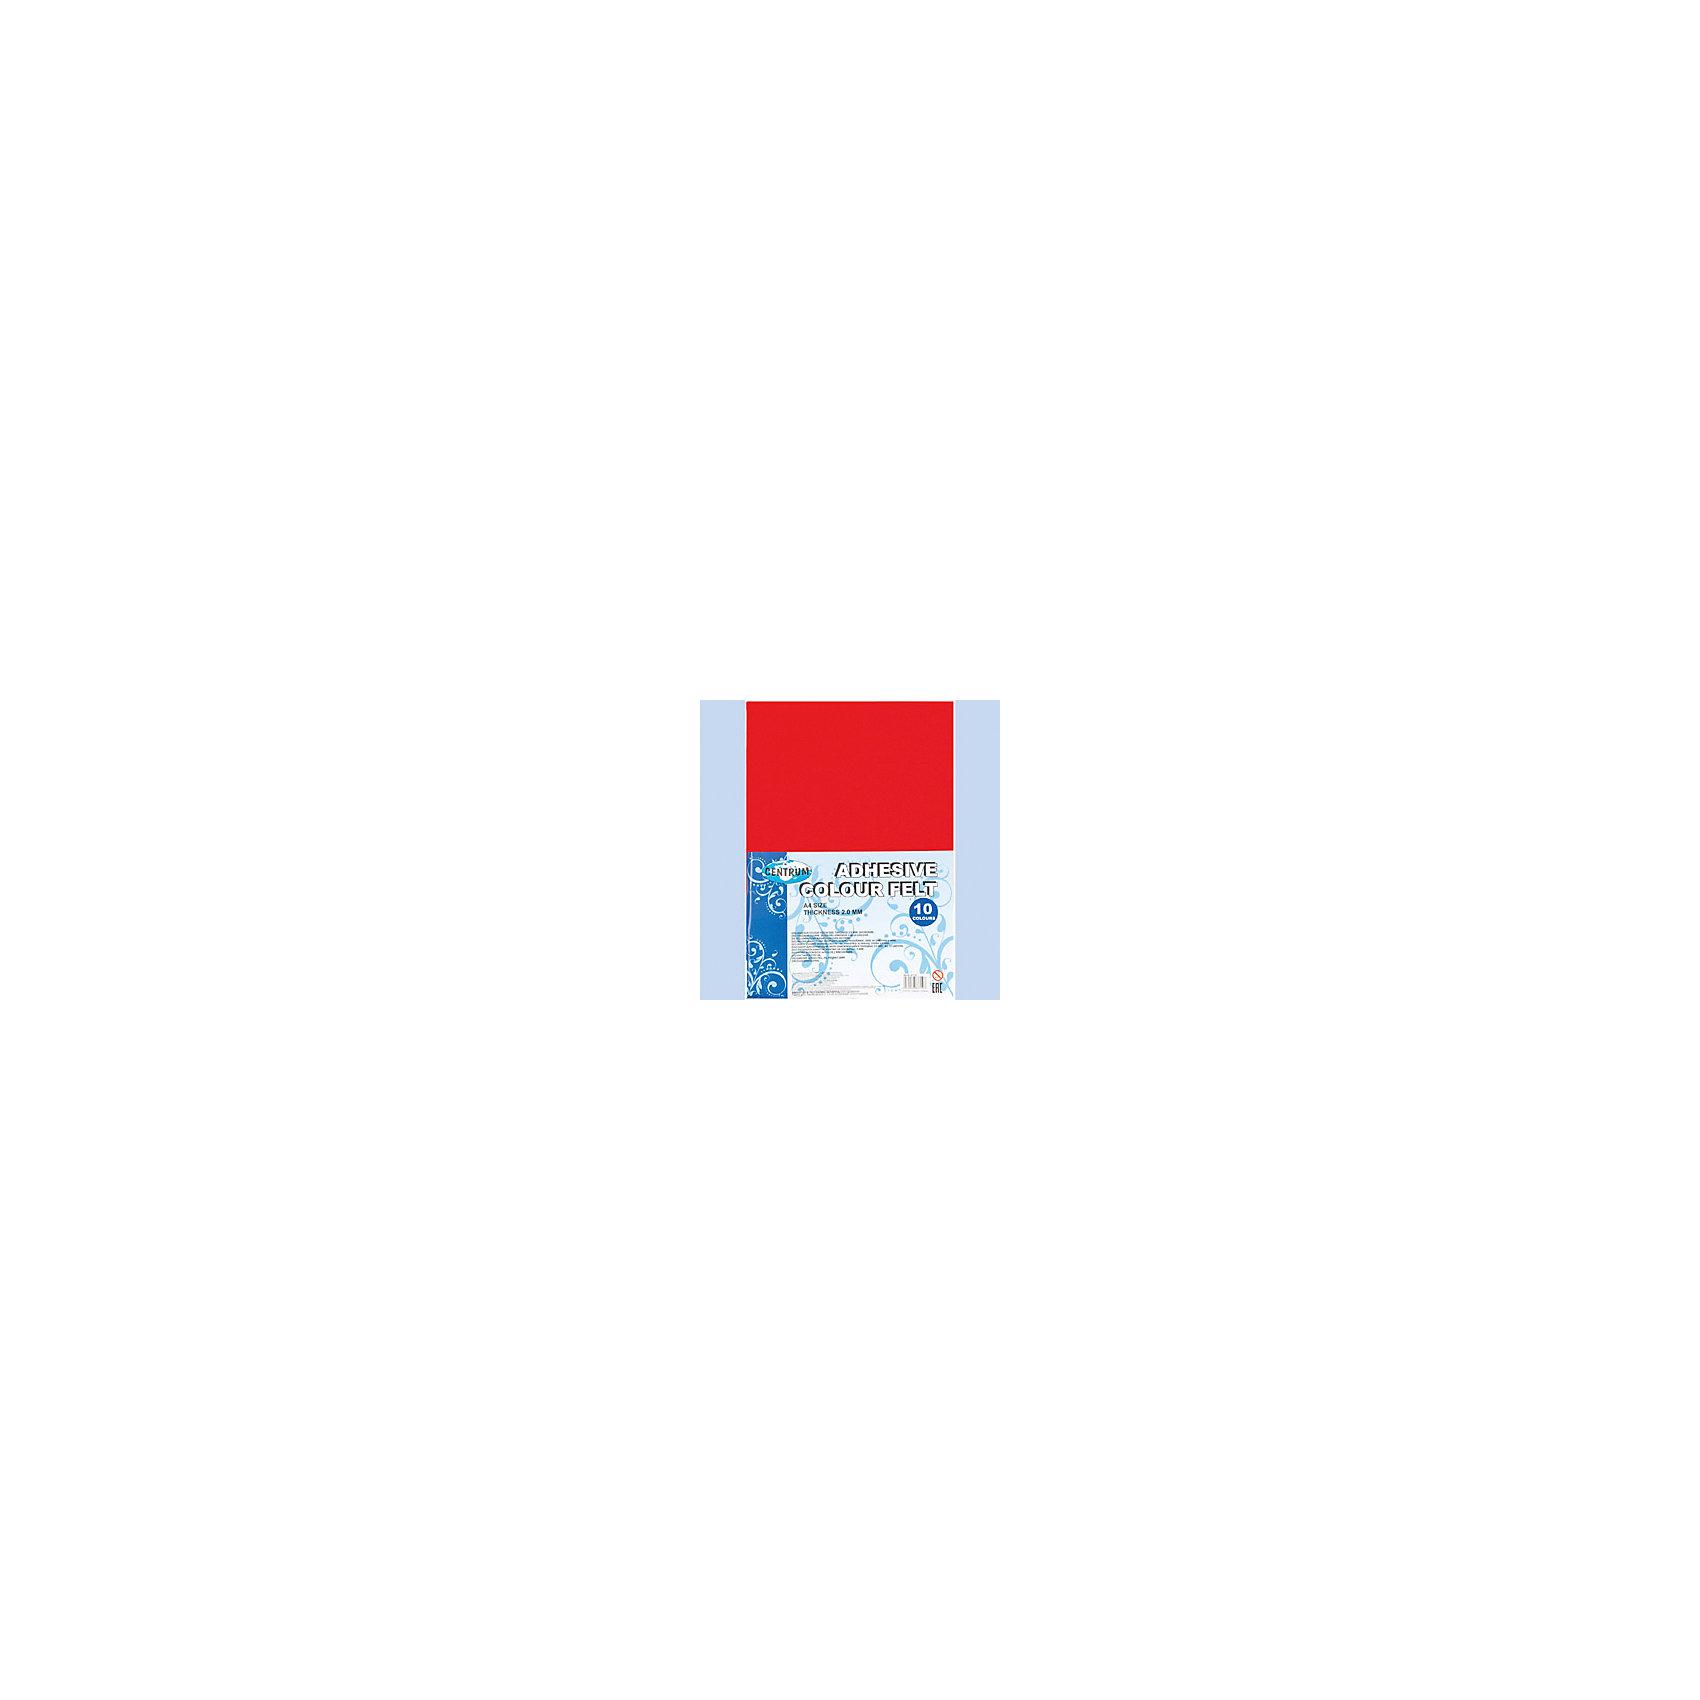 Centrum Набор декоративного цветного фетра  на клеевой основе А4Рукоделие<br>Набор декоративного цветного фетра  на клеевой основе А4, для детского творчества (аппликации), толщина 2,0 мм, формат А4, 10 цветов<br><br>Ширина мм: 27<br>Глубина мм: 207<br>Высота мм: 298<br>Вес г: 208<br>Возраст от месяцев: 72<br>Возраст до месяцев: 2147483647<br>Пол: Унисекс<br>Возраст: Детский<br>SKU: 6846765